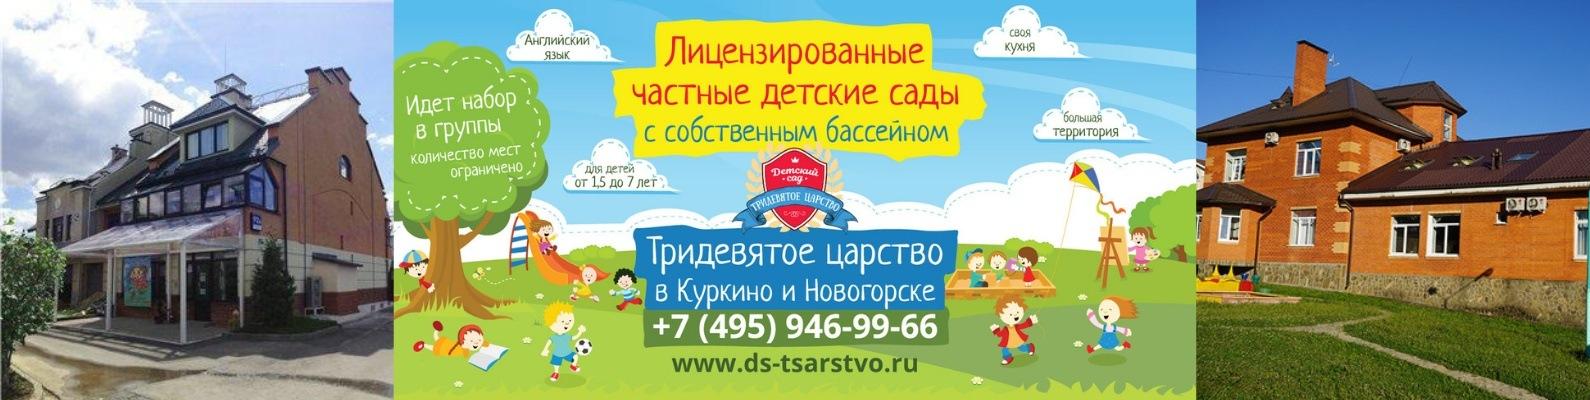 Russian roulette игровой автомат играть онлайн